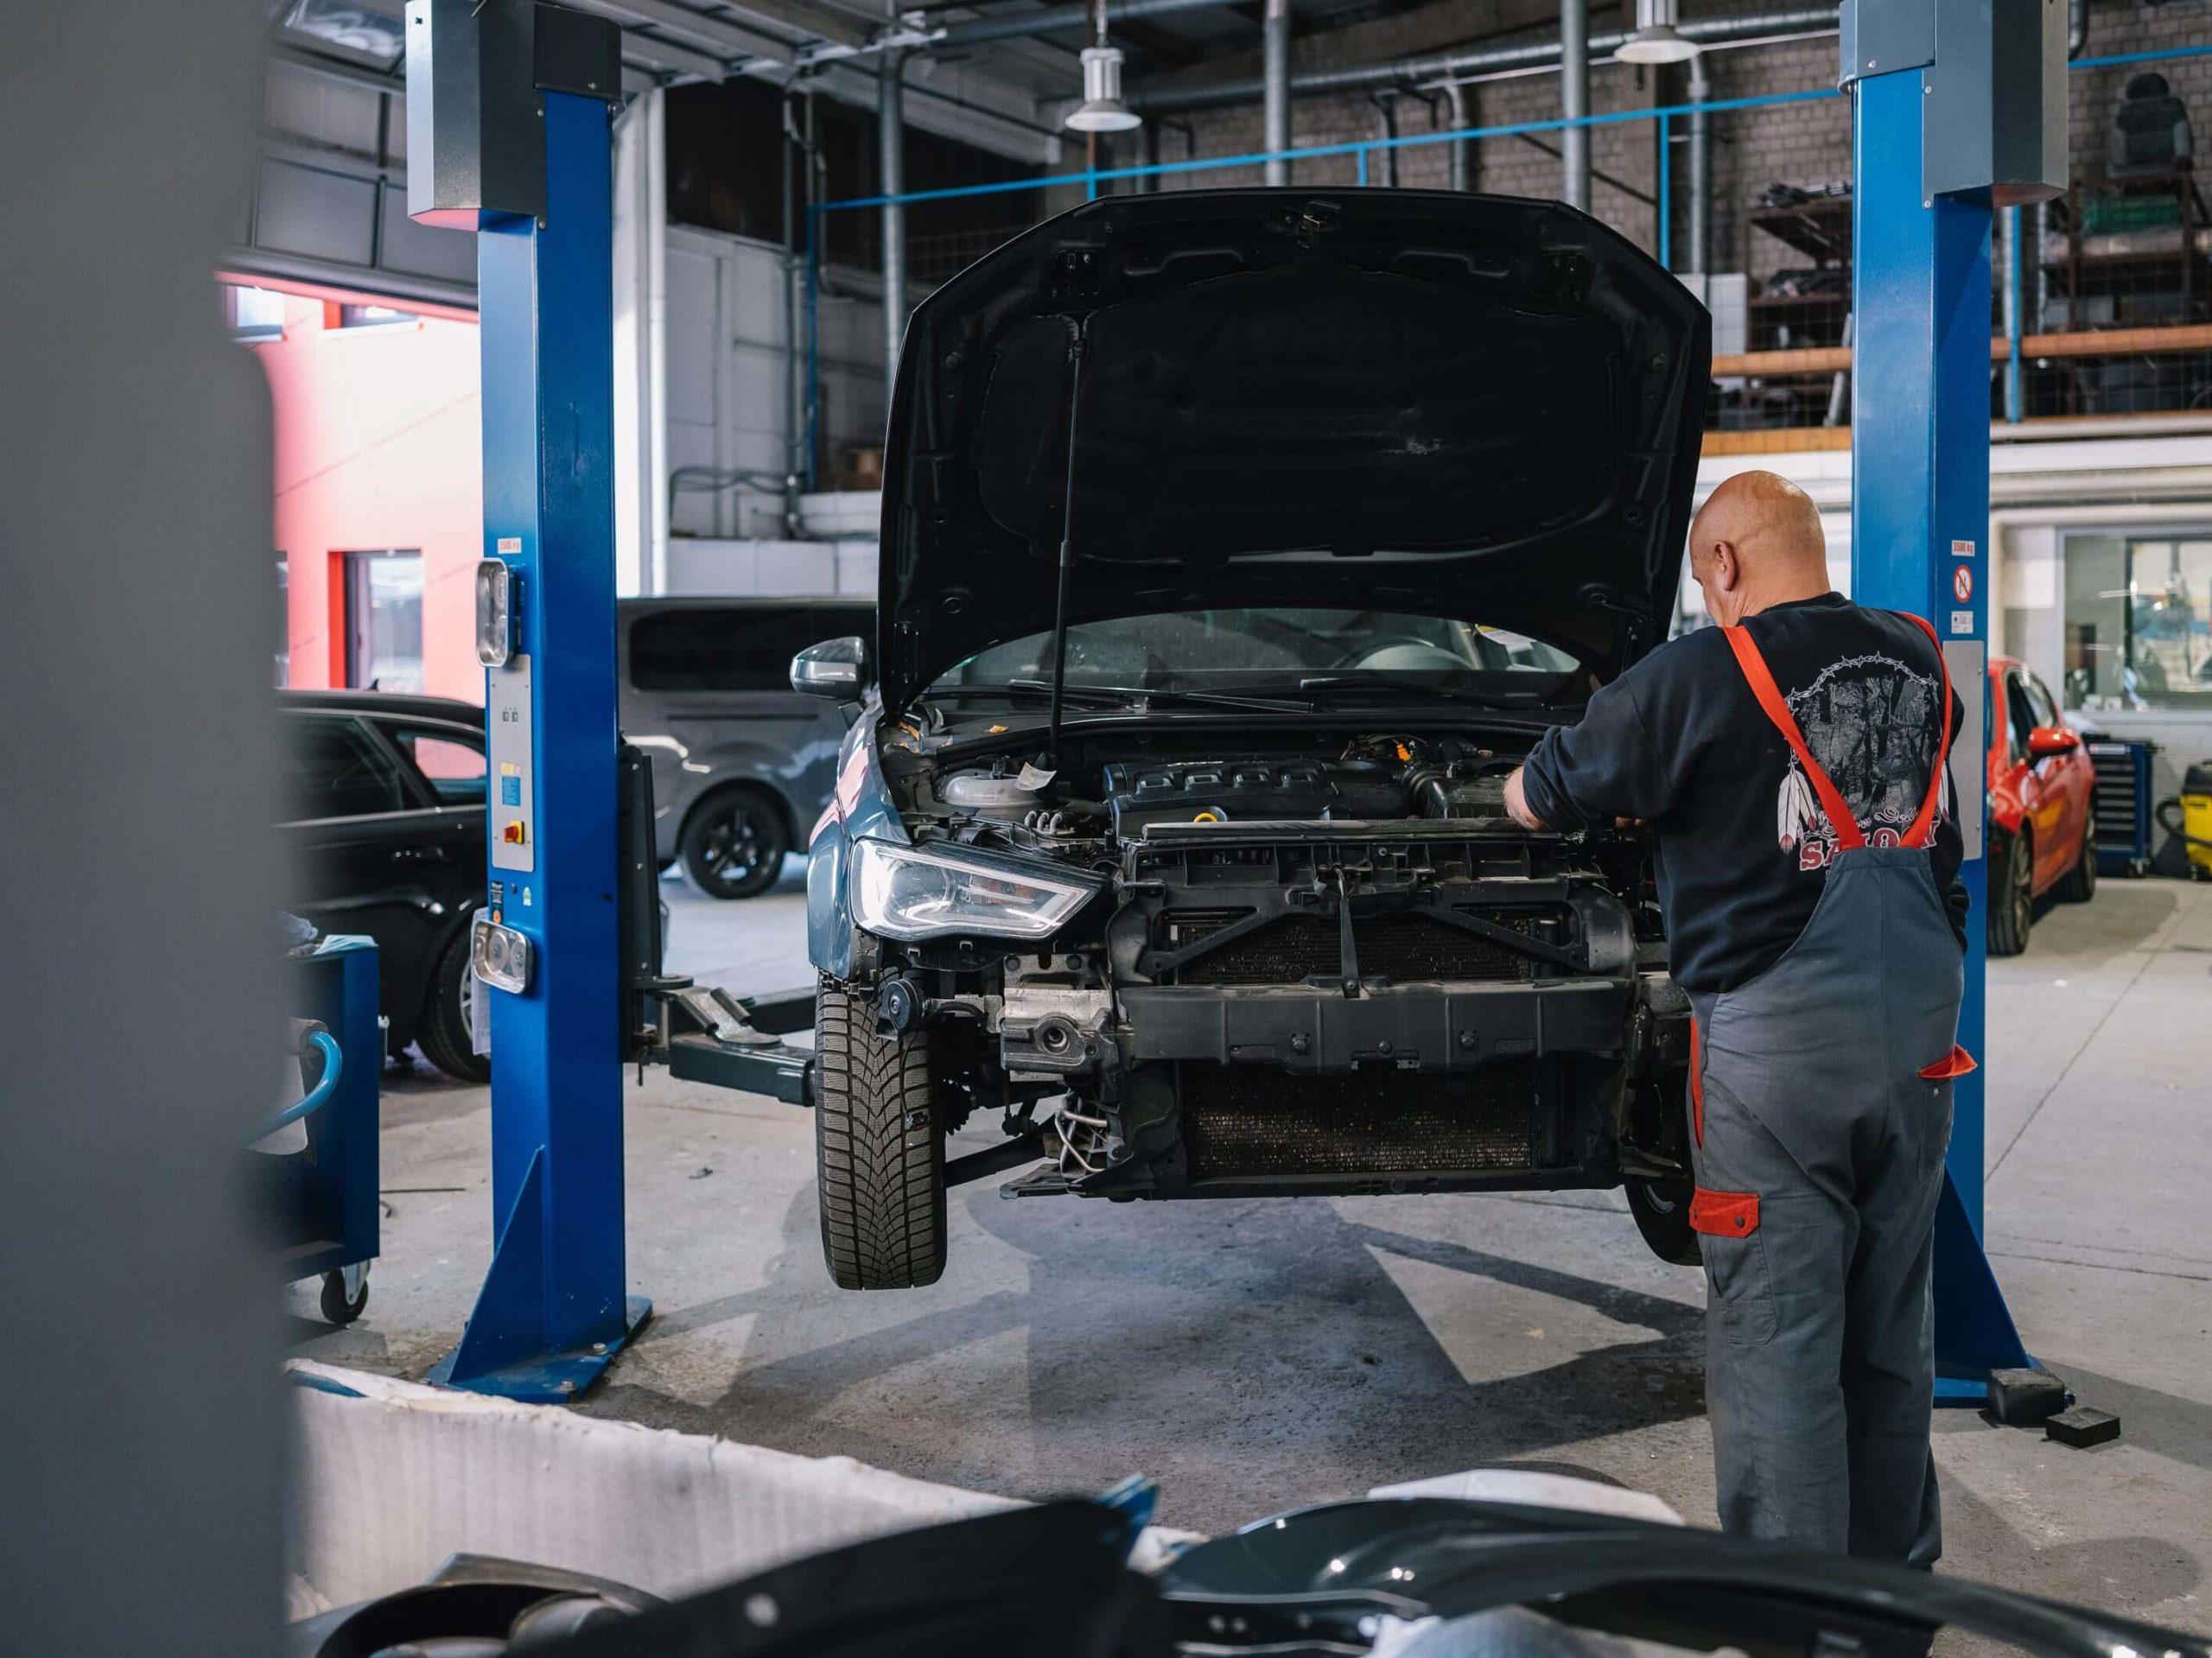 Werkstattmitarbeiter inspiziert ein hochgebocktes Auto in der Motorhaube